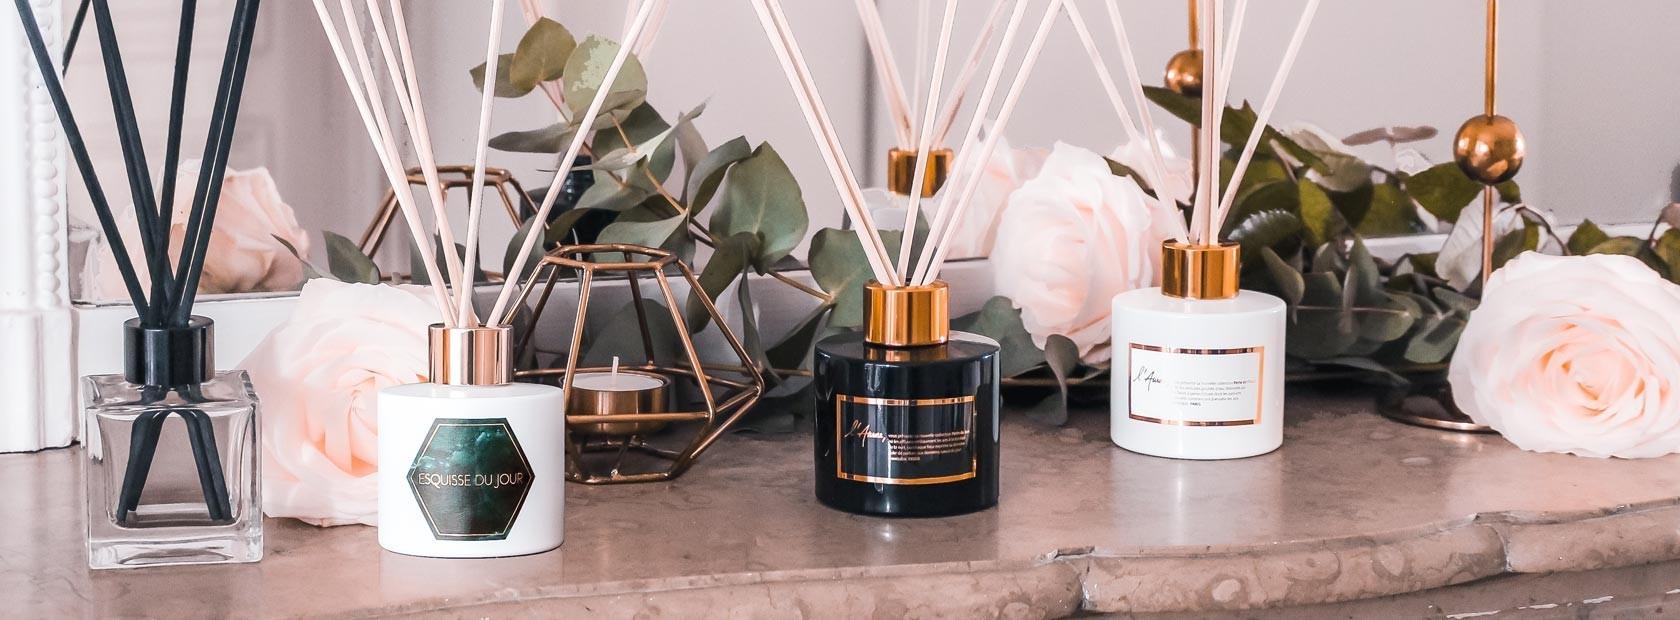 Diffuseur de parfum | L'Aurore Paris